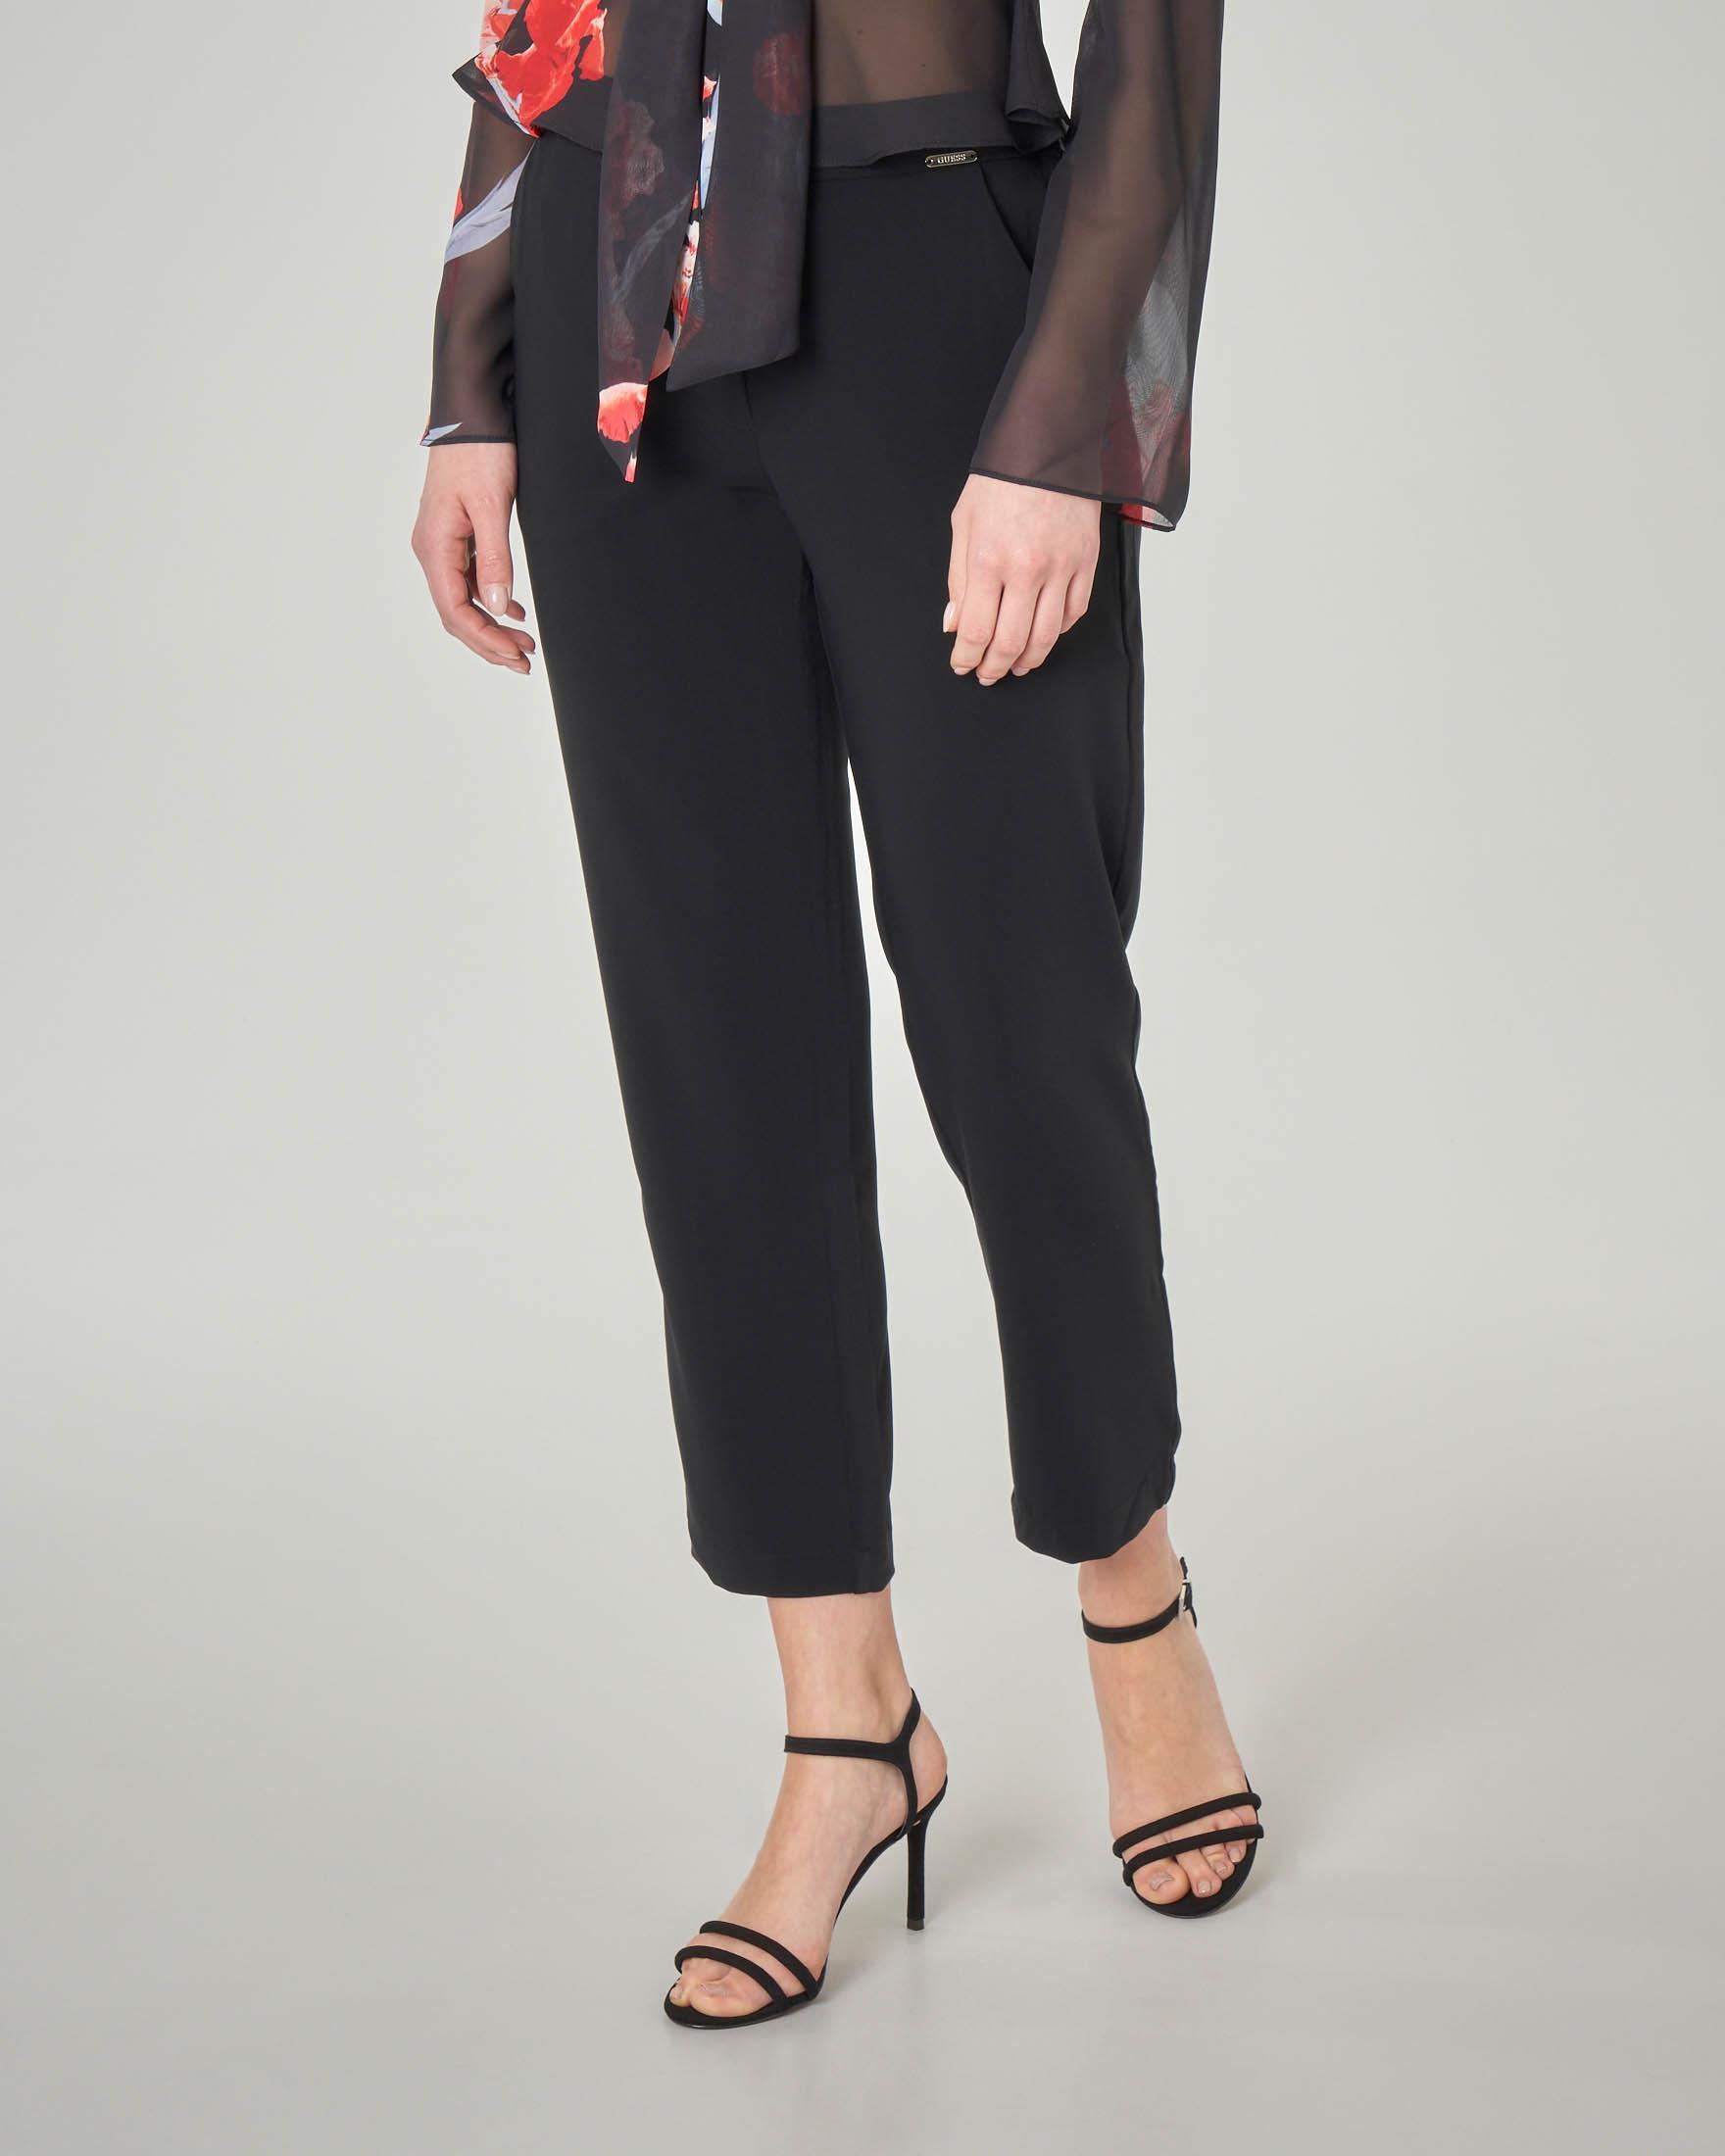 Pantaloni neri alla caviglia leggermente elasticizzati